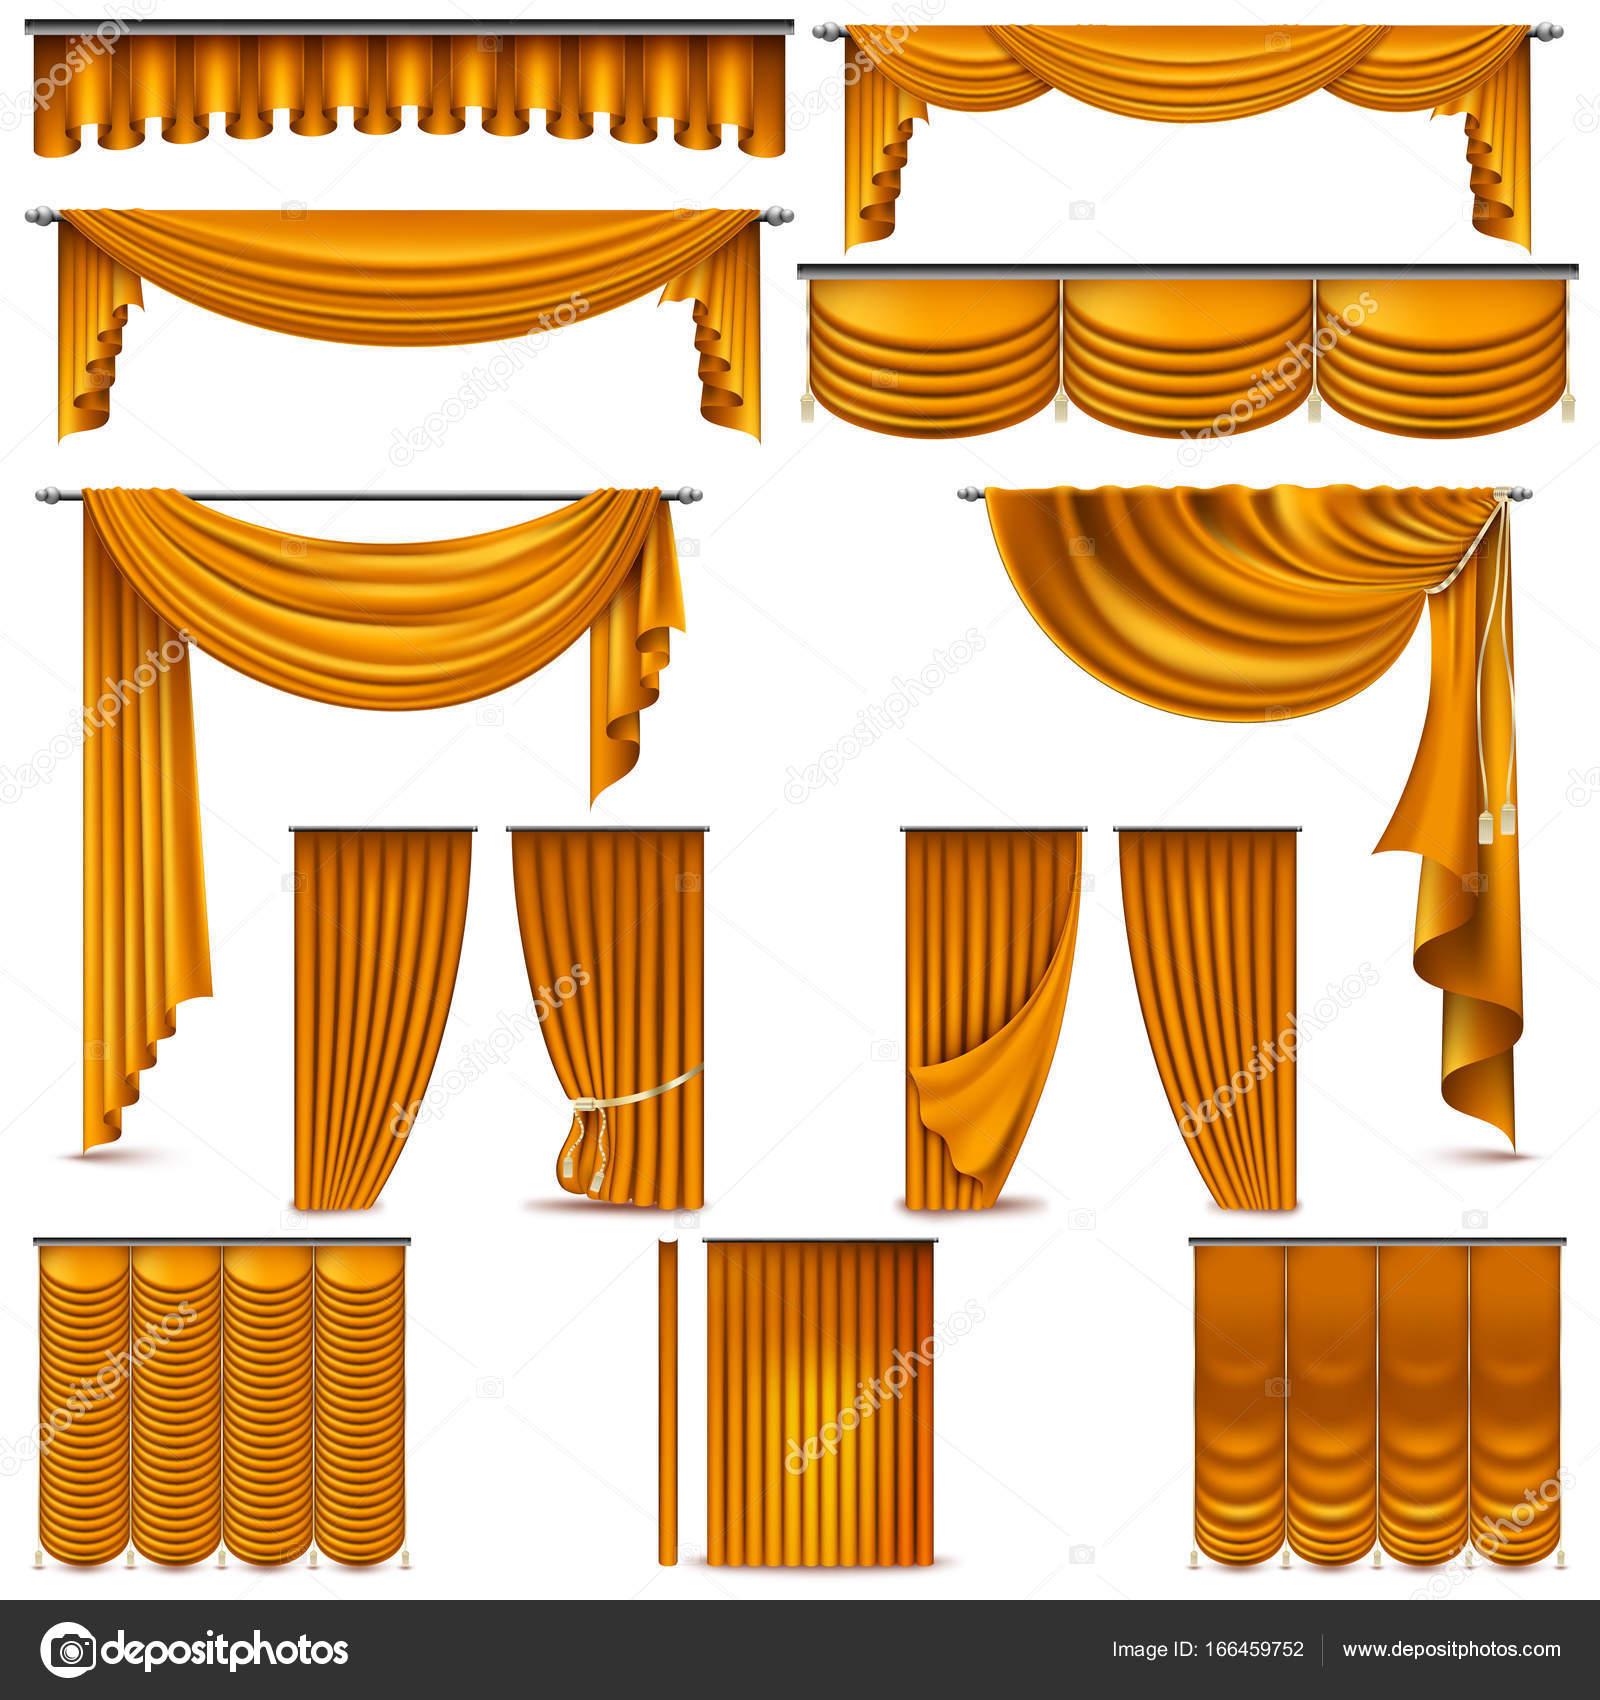 gordijnen en draperien interieur decoratie object gesoleerd op wit voor theater podium en omvat ook eps 10 vector vector van beresdmit2501